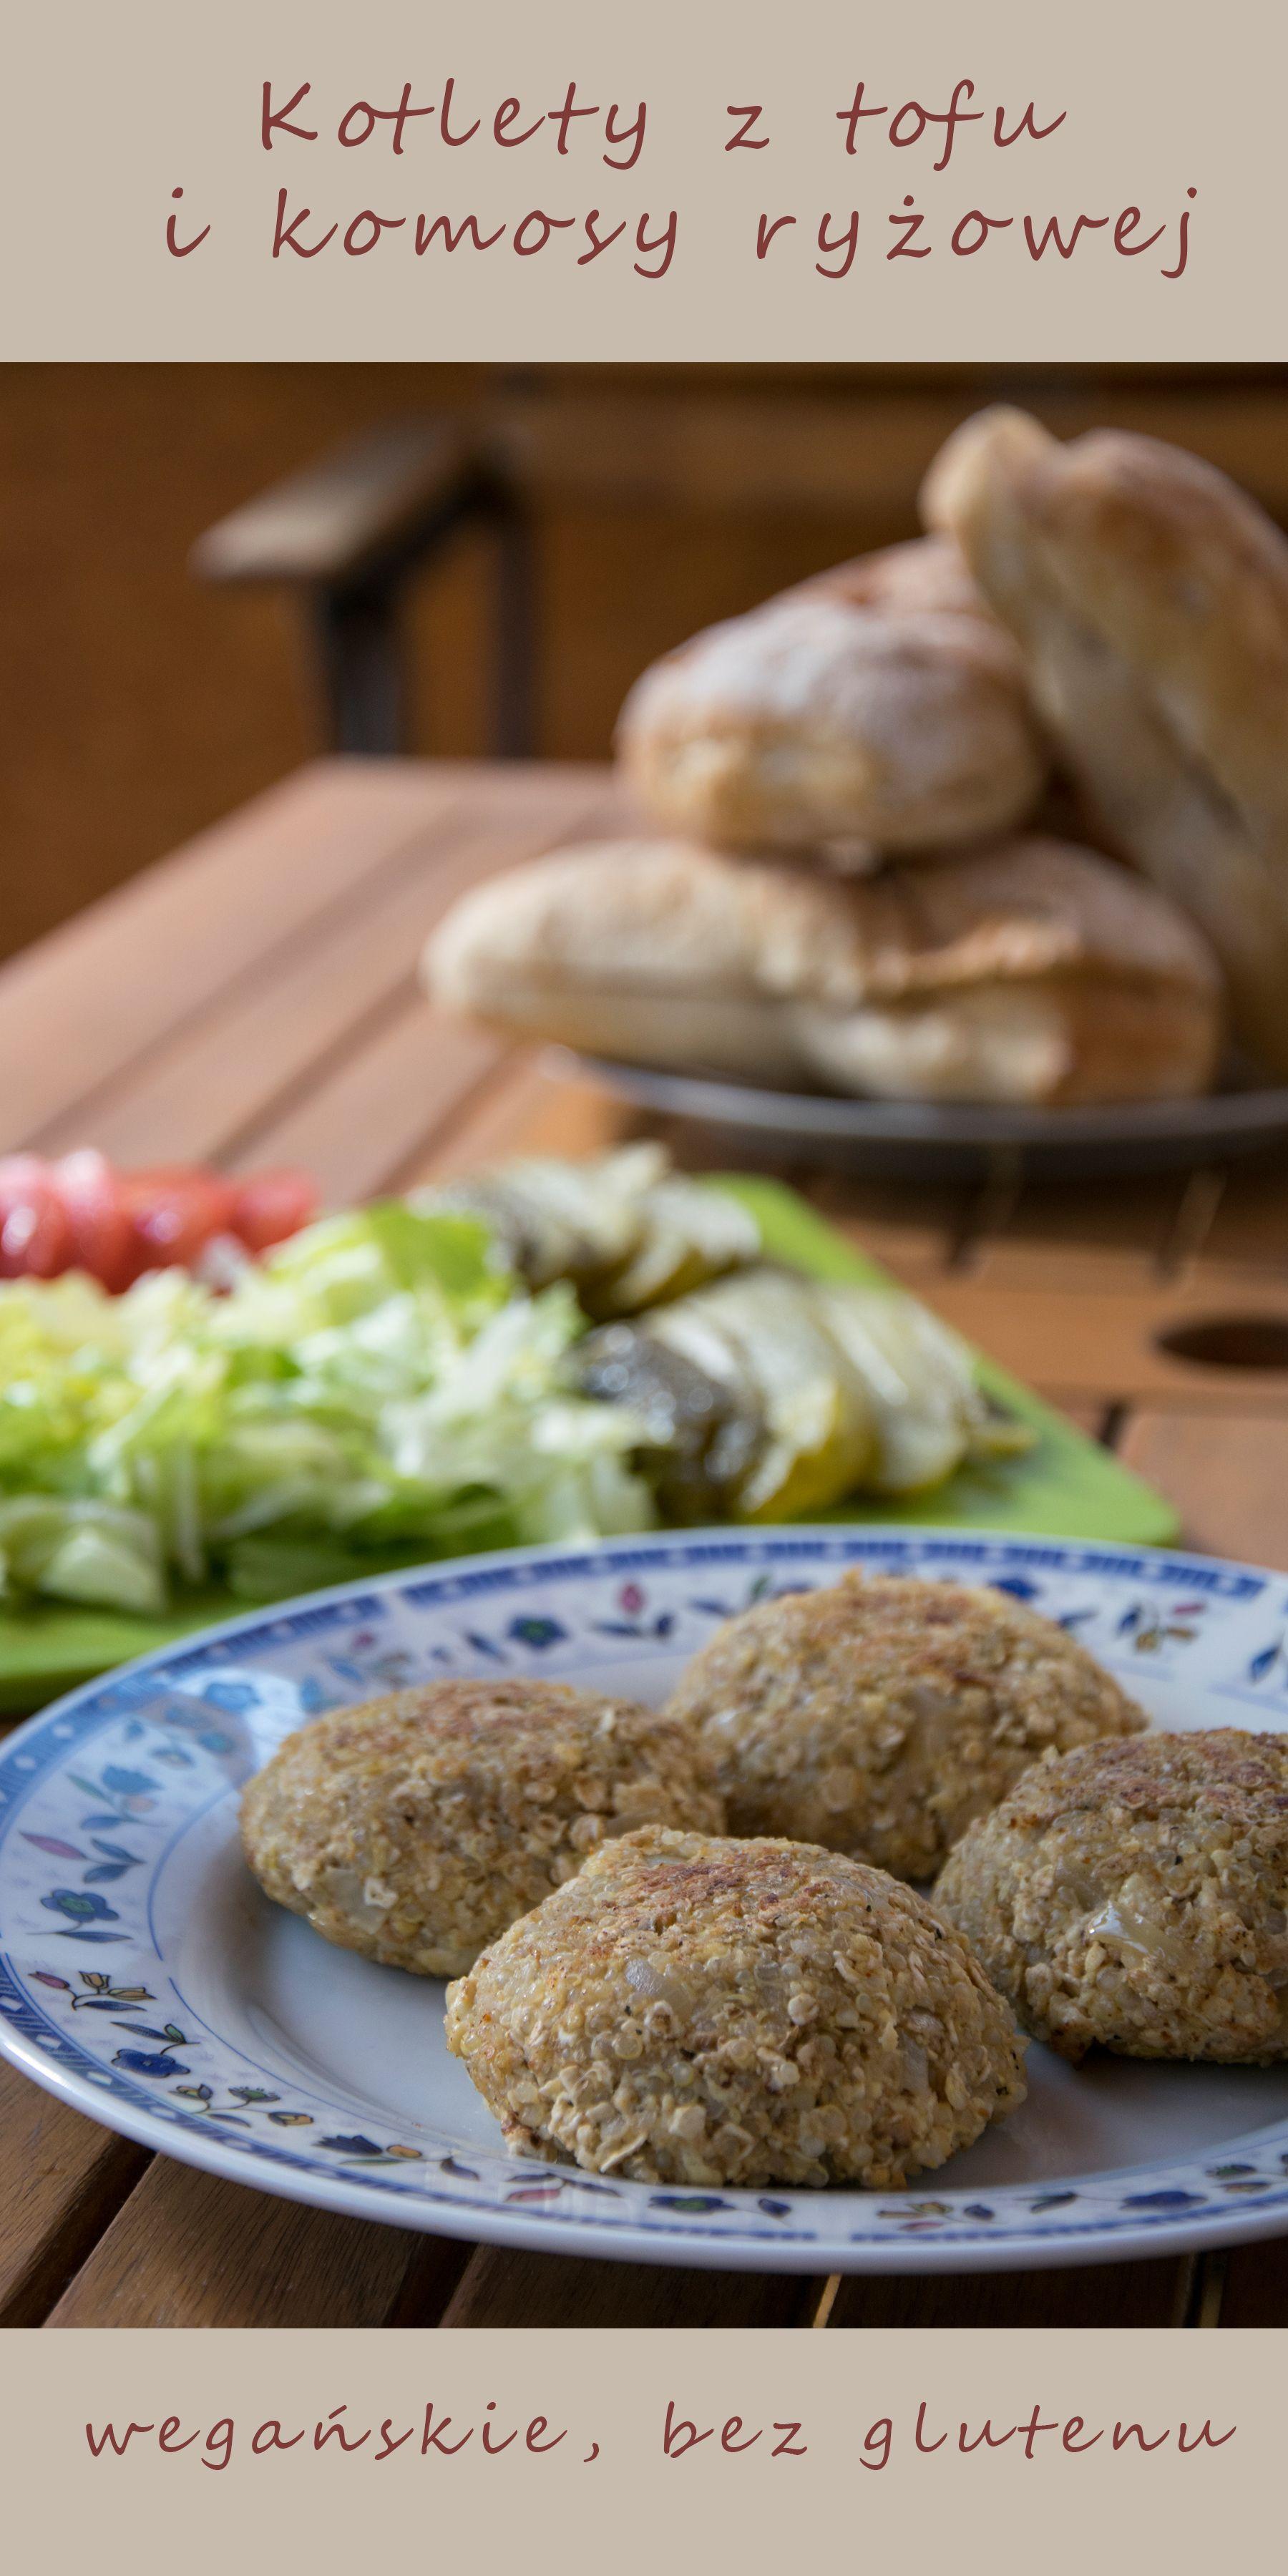 Kotlety Z Tofu I Komosy Ryzowej Przepisy Tofu Food I Bread